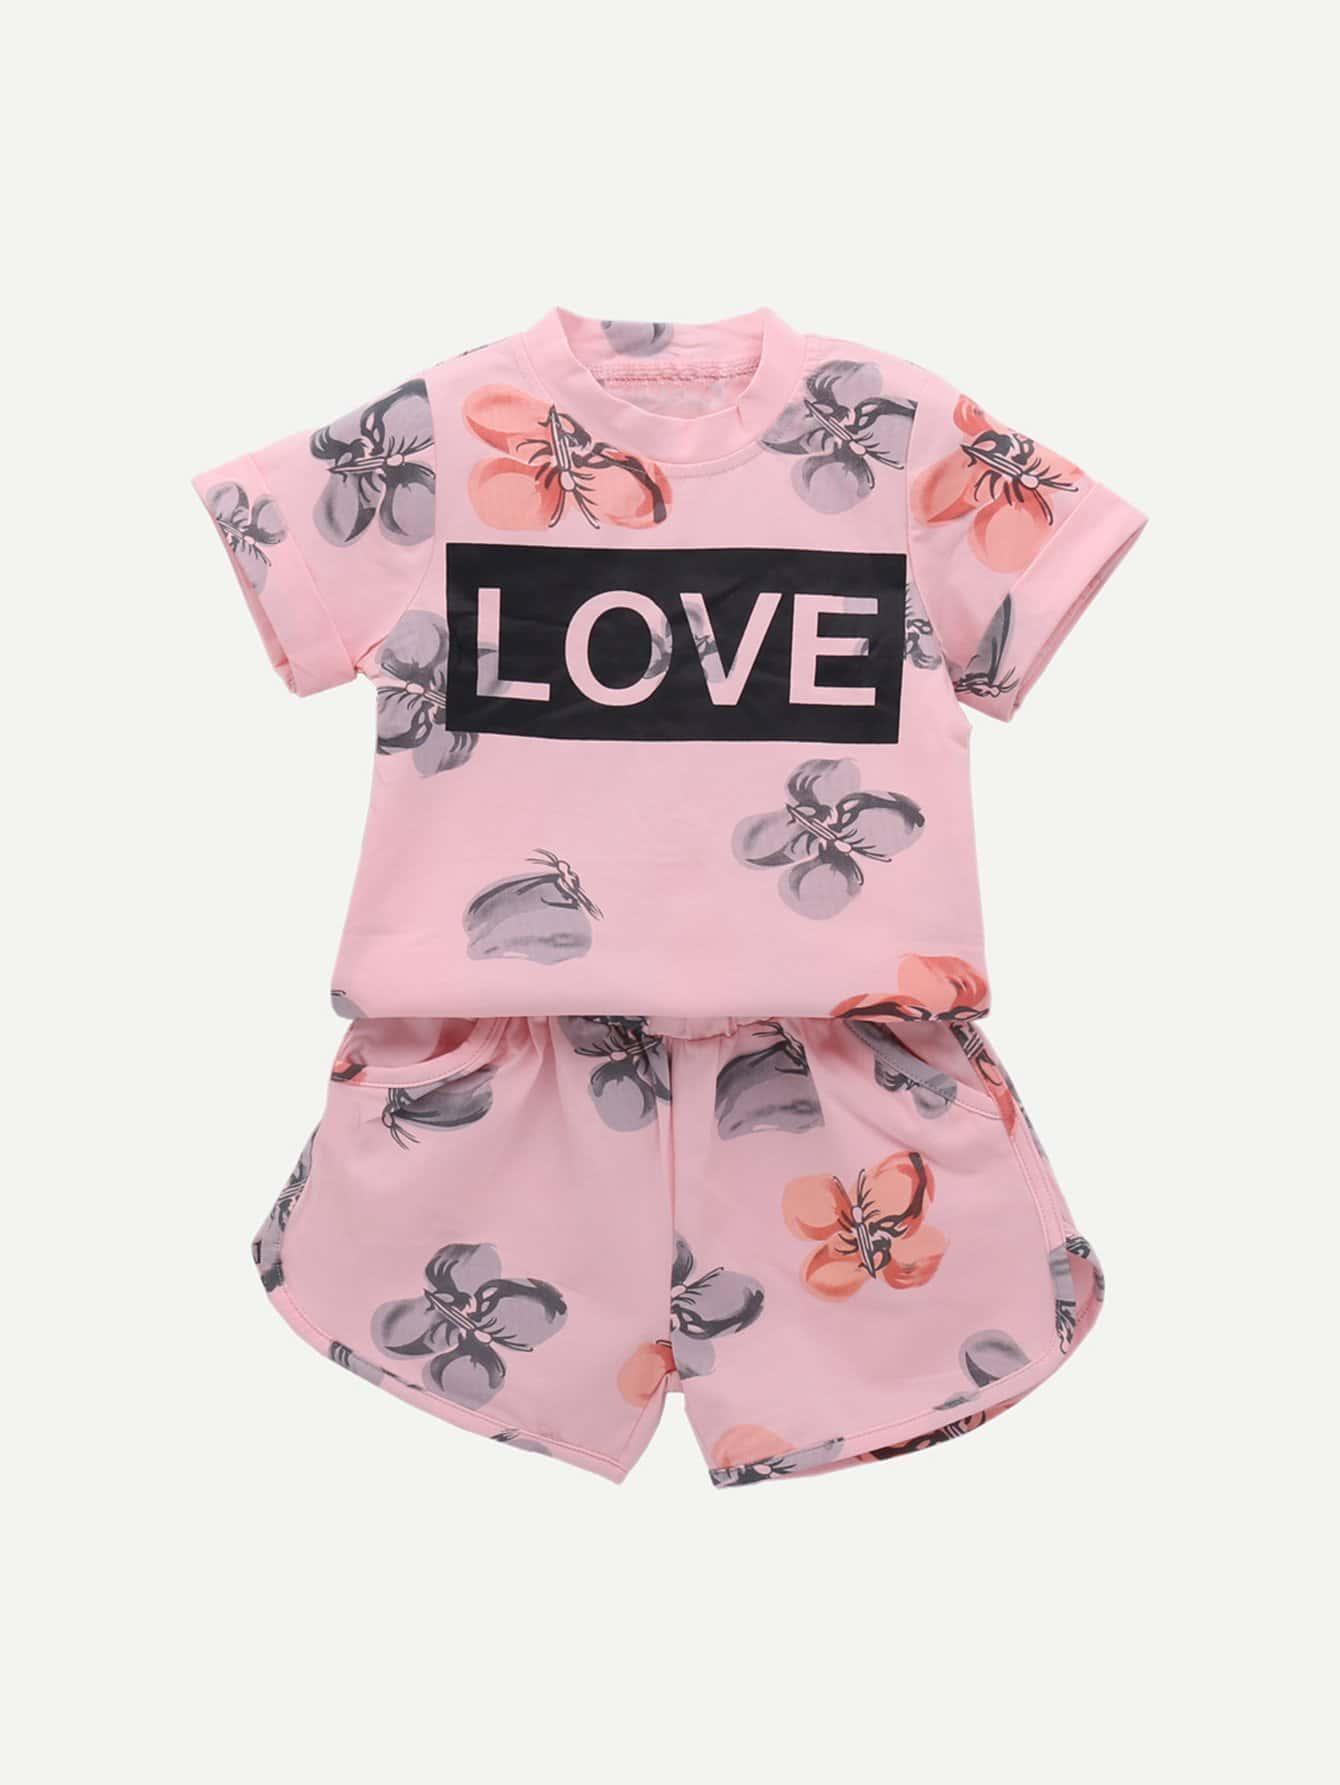 Купить Повседневный стиль Текст Розовый Комплекты для девочек, null, SheIn